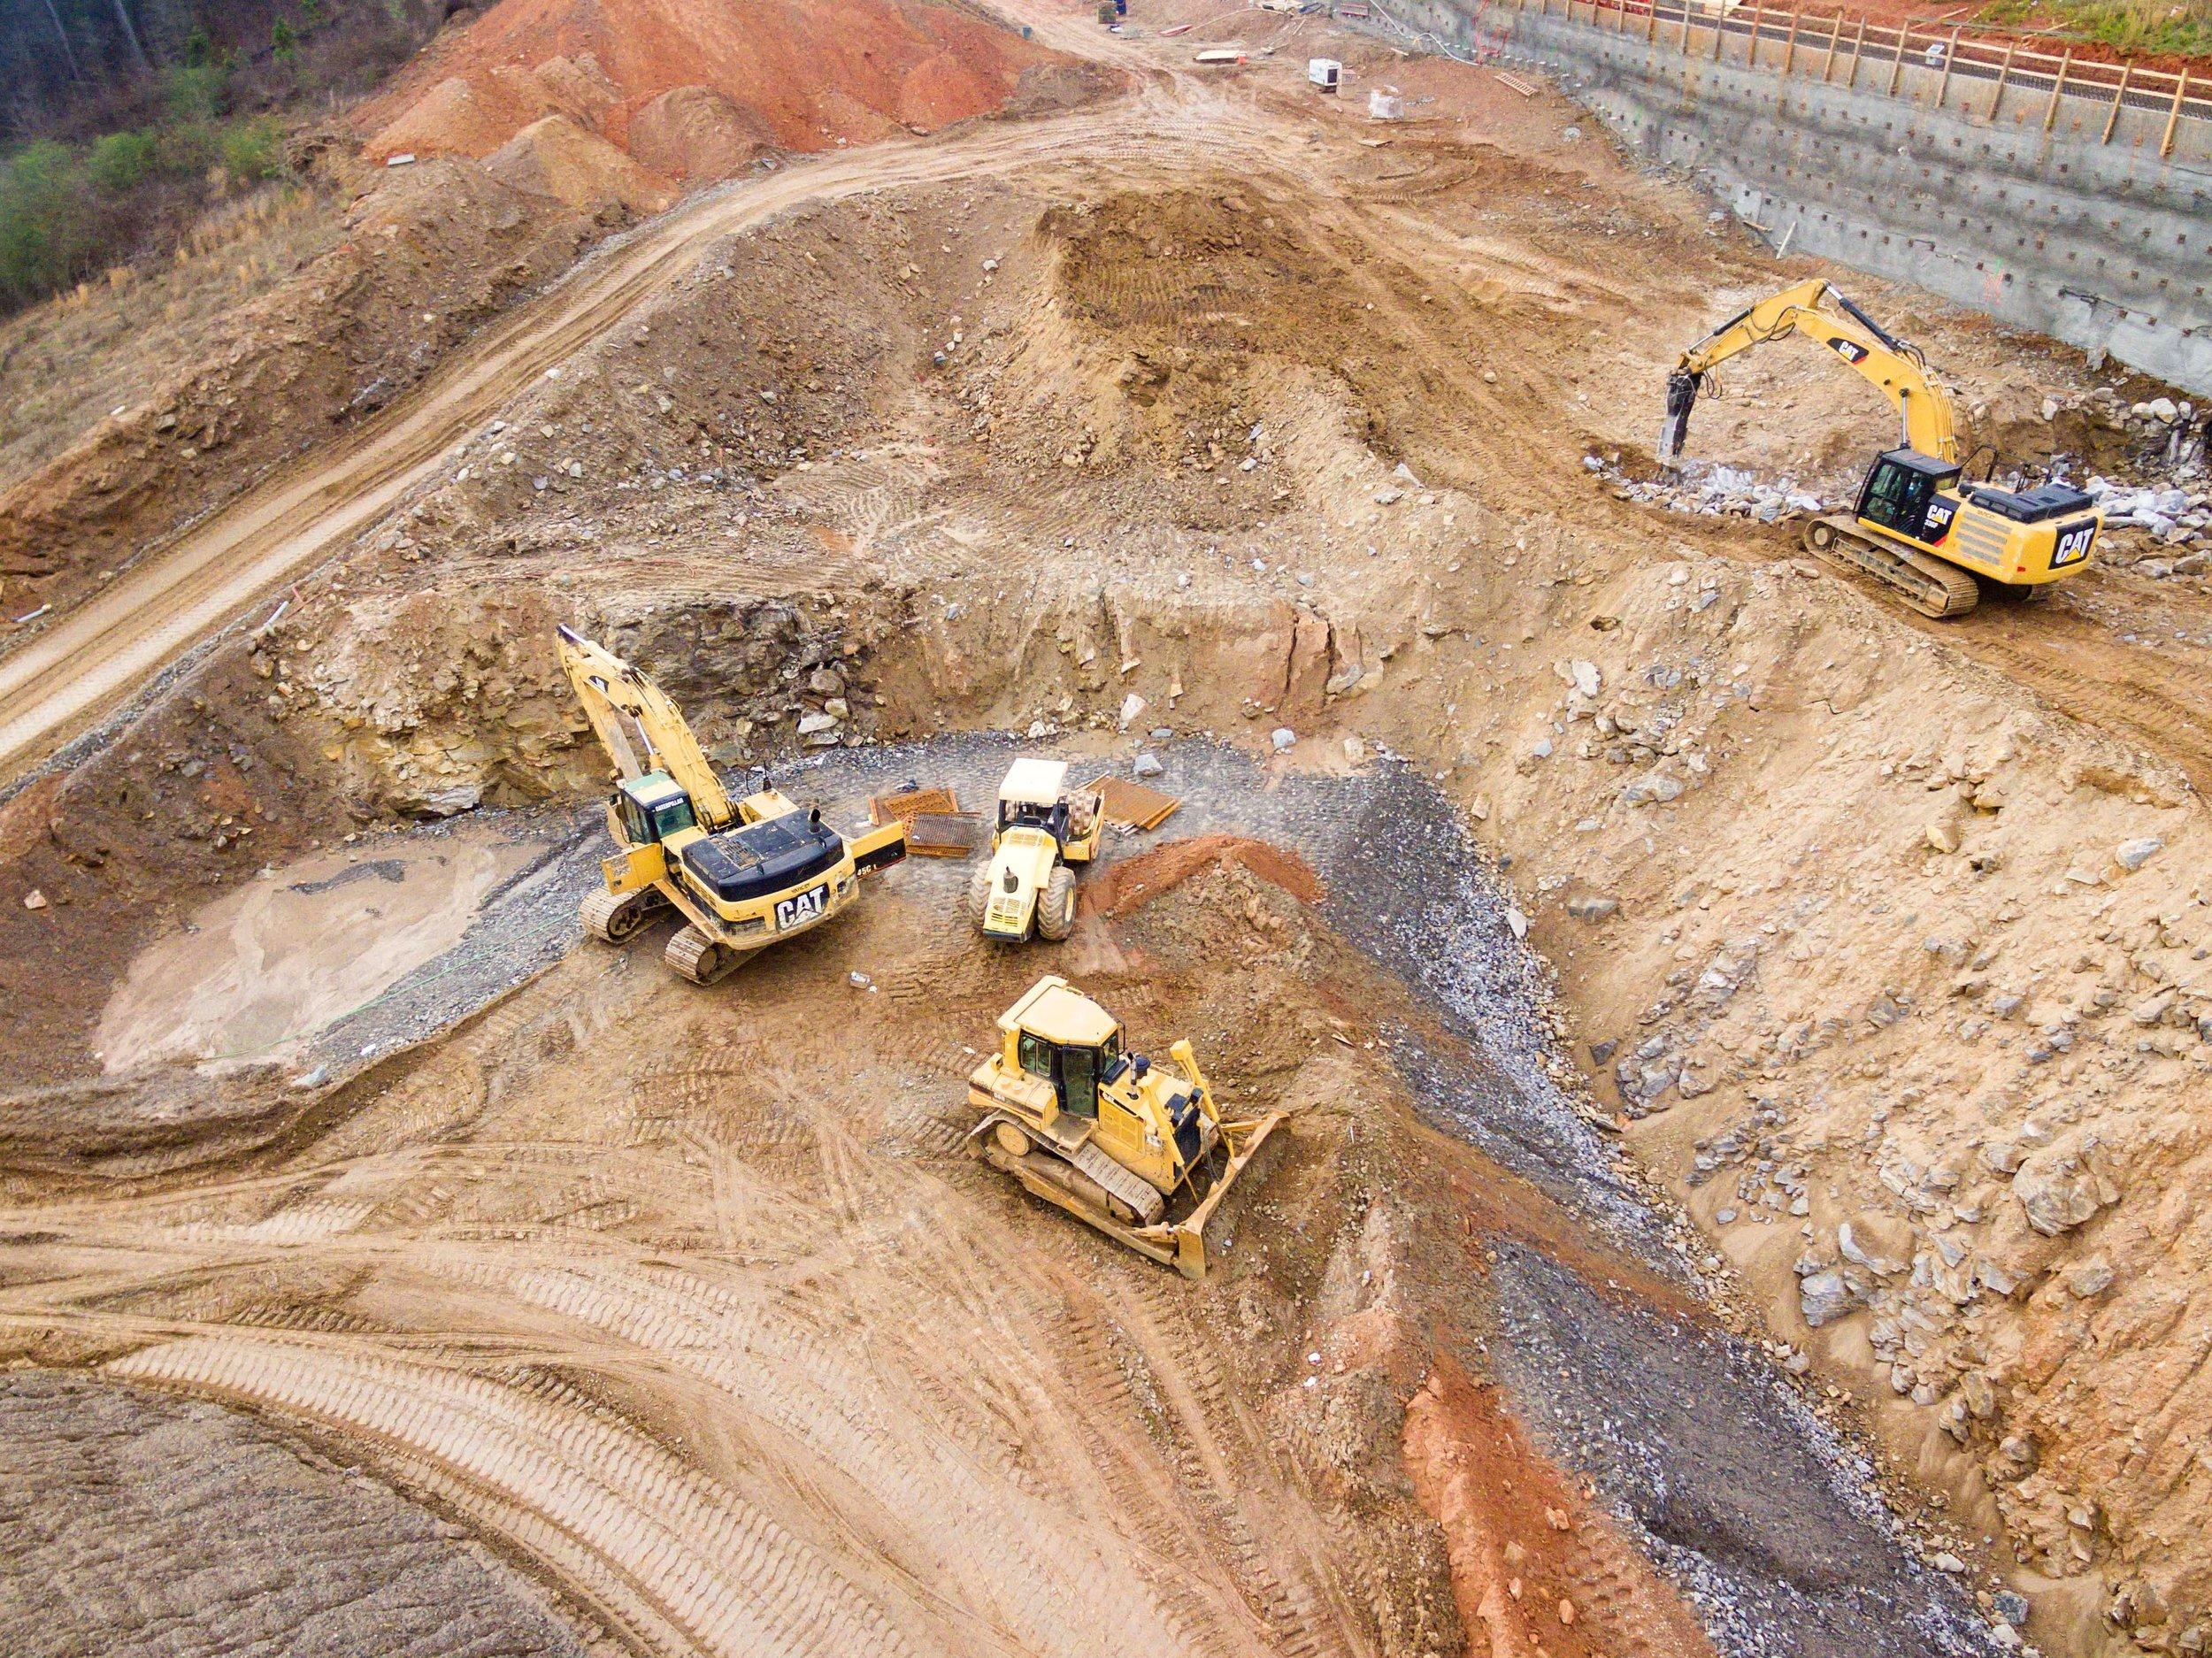 Scavi e movimentazione terra - L' organizzazione e l'acquisizione di un vasto parco macchine e di personale dipendente altamente qualificato ci permette di realizzare scavi di qualsiasi tipologia e in qualsiasi condizioni nel pieno rispetto delle normative di sicurezza vigenti.